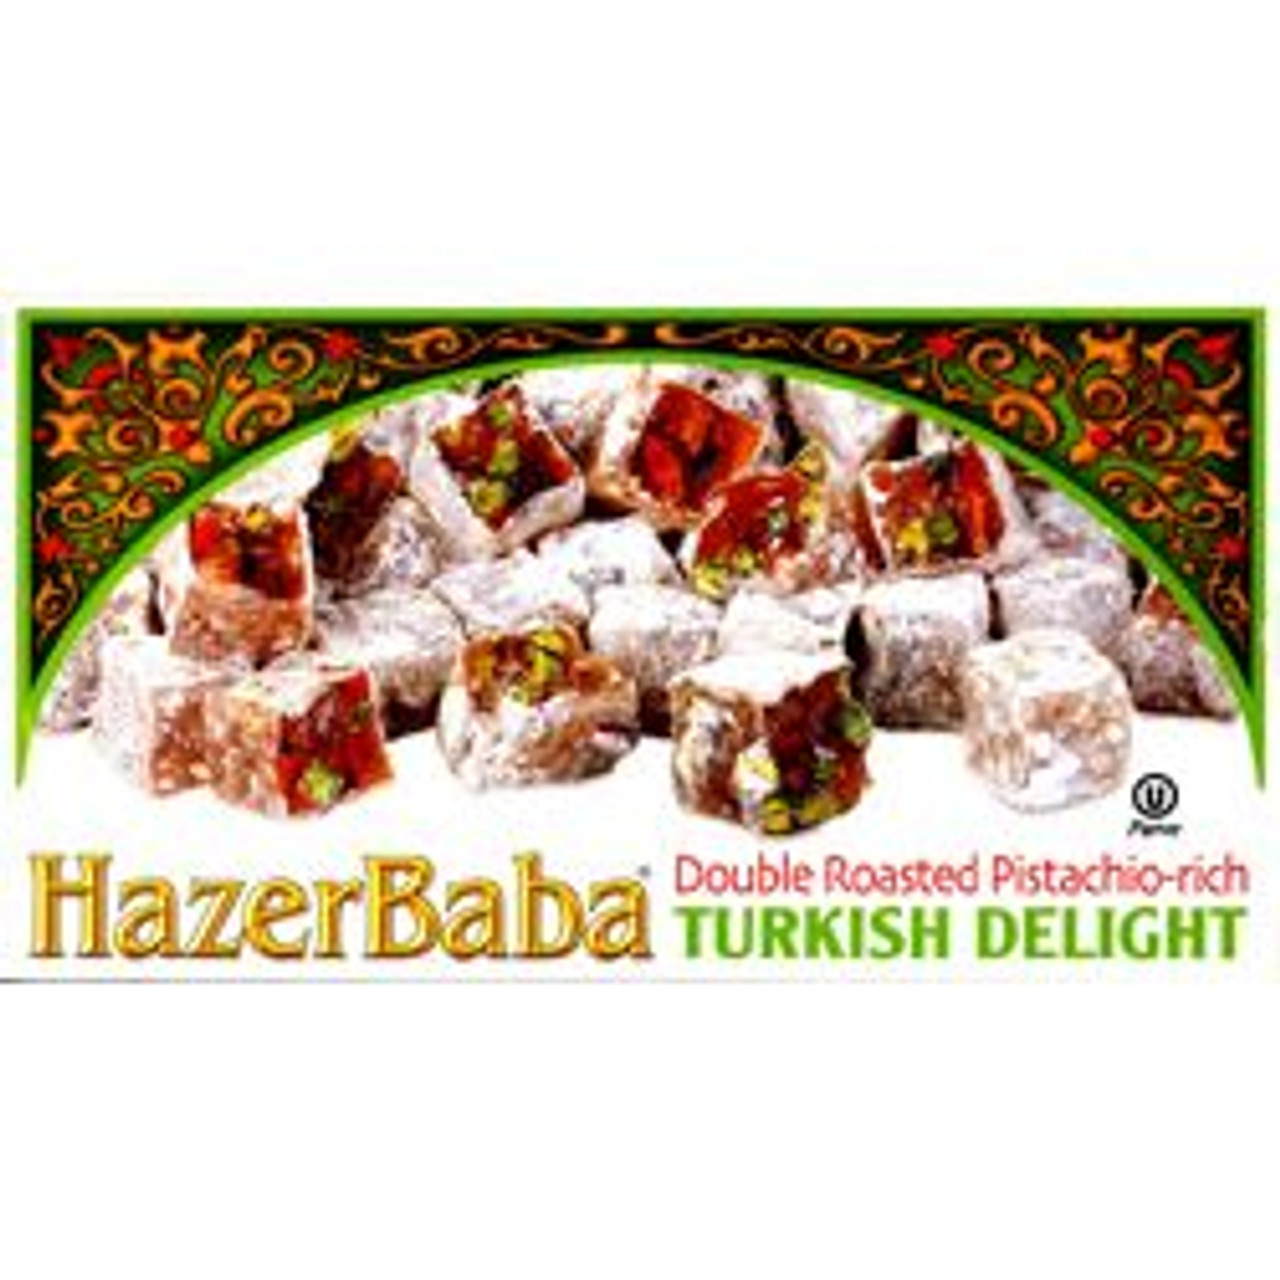 HAZERBABA Double Roasted Pistachio Rich Turkish Delight – 12.3oz (Hazer Baba Çifte Kavrulmuş Antep Fıstıklı Lokum – 350g)